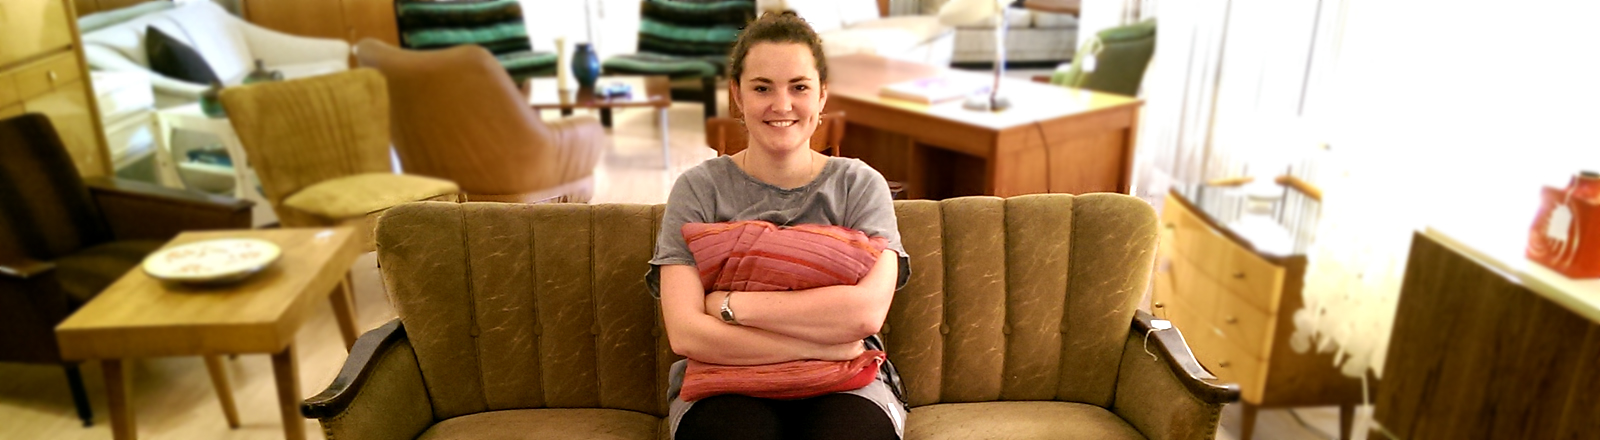 Lena Breuer sitzt in einem Retromöbelladen auf einem alten Sofa.